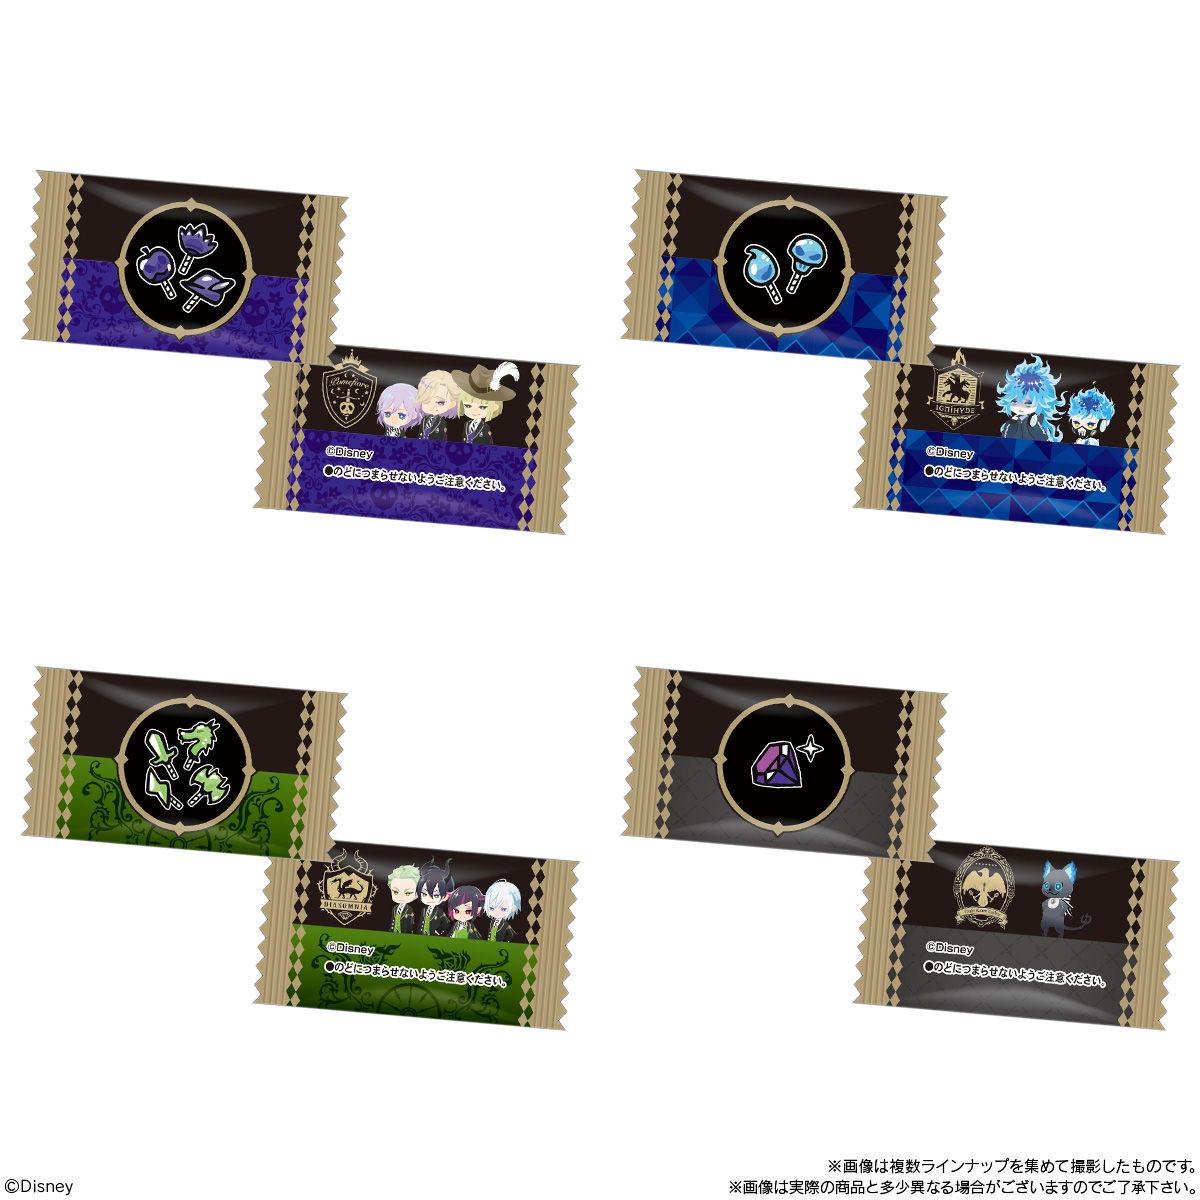 ディズニー ツイステッドワンダーランド キャンディ缶コレクション_8